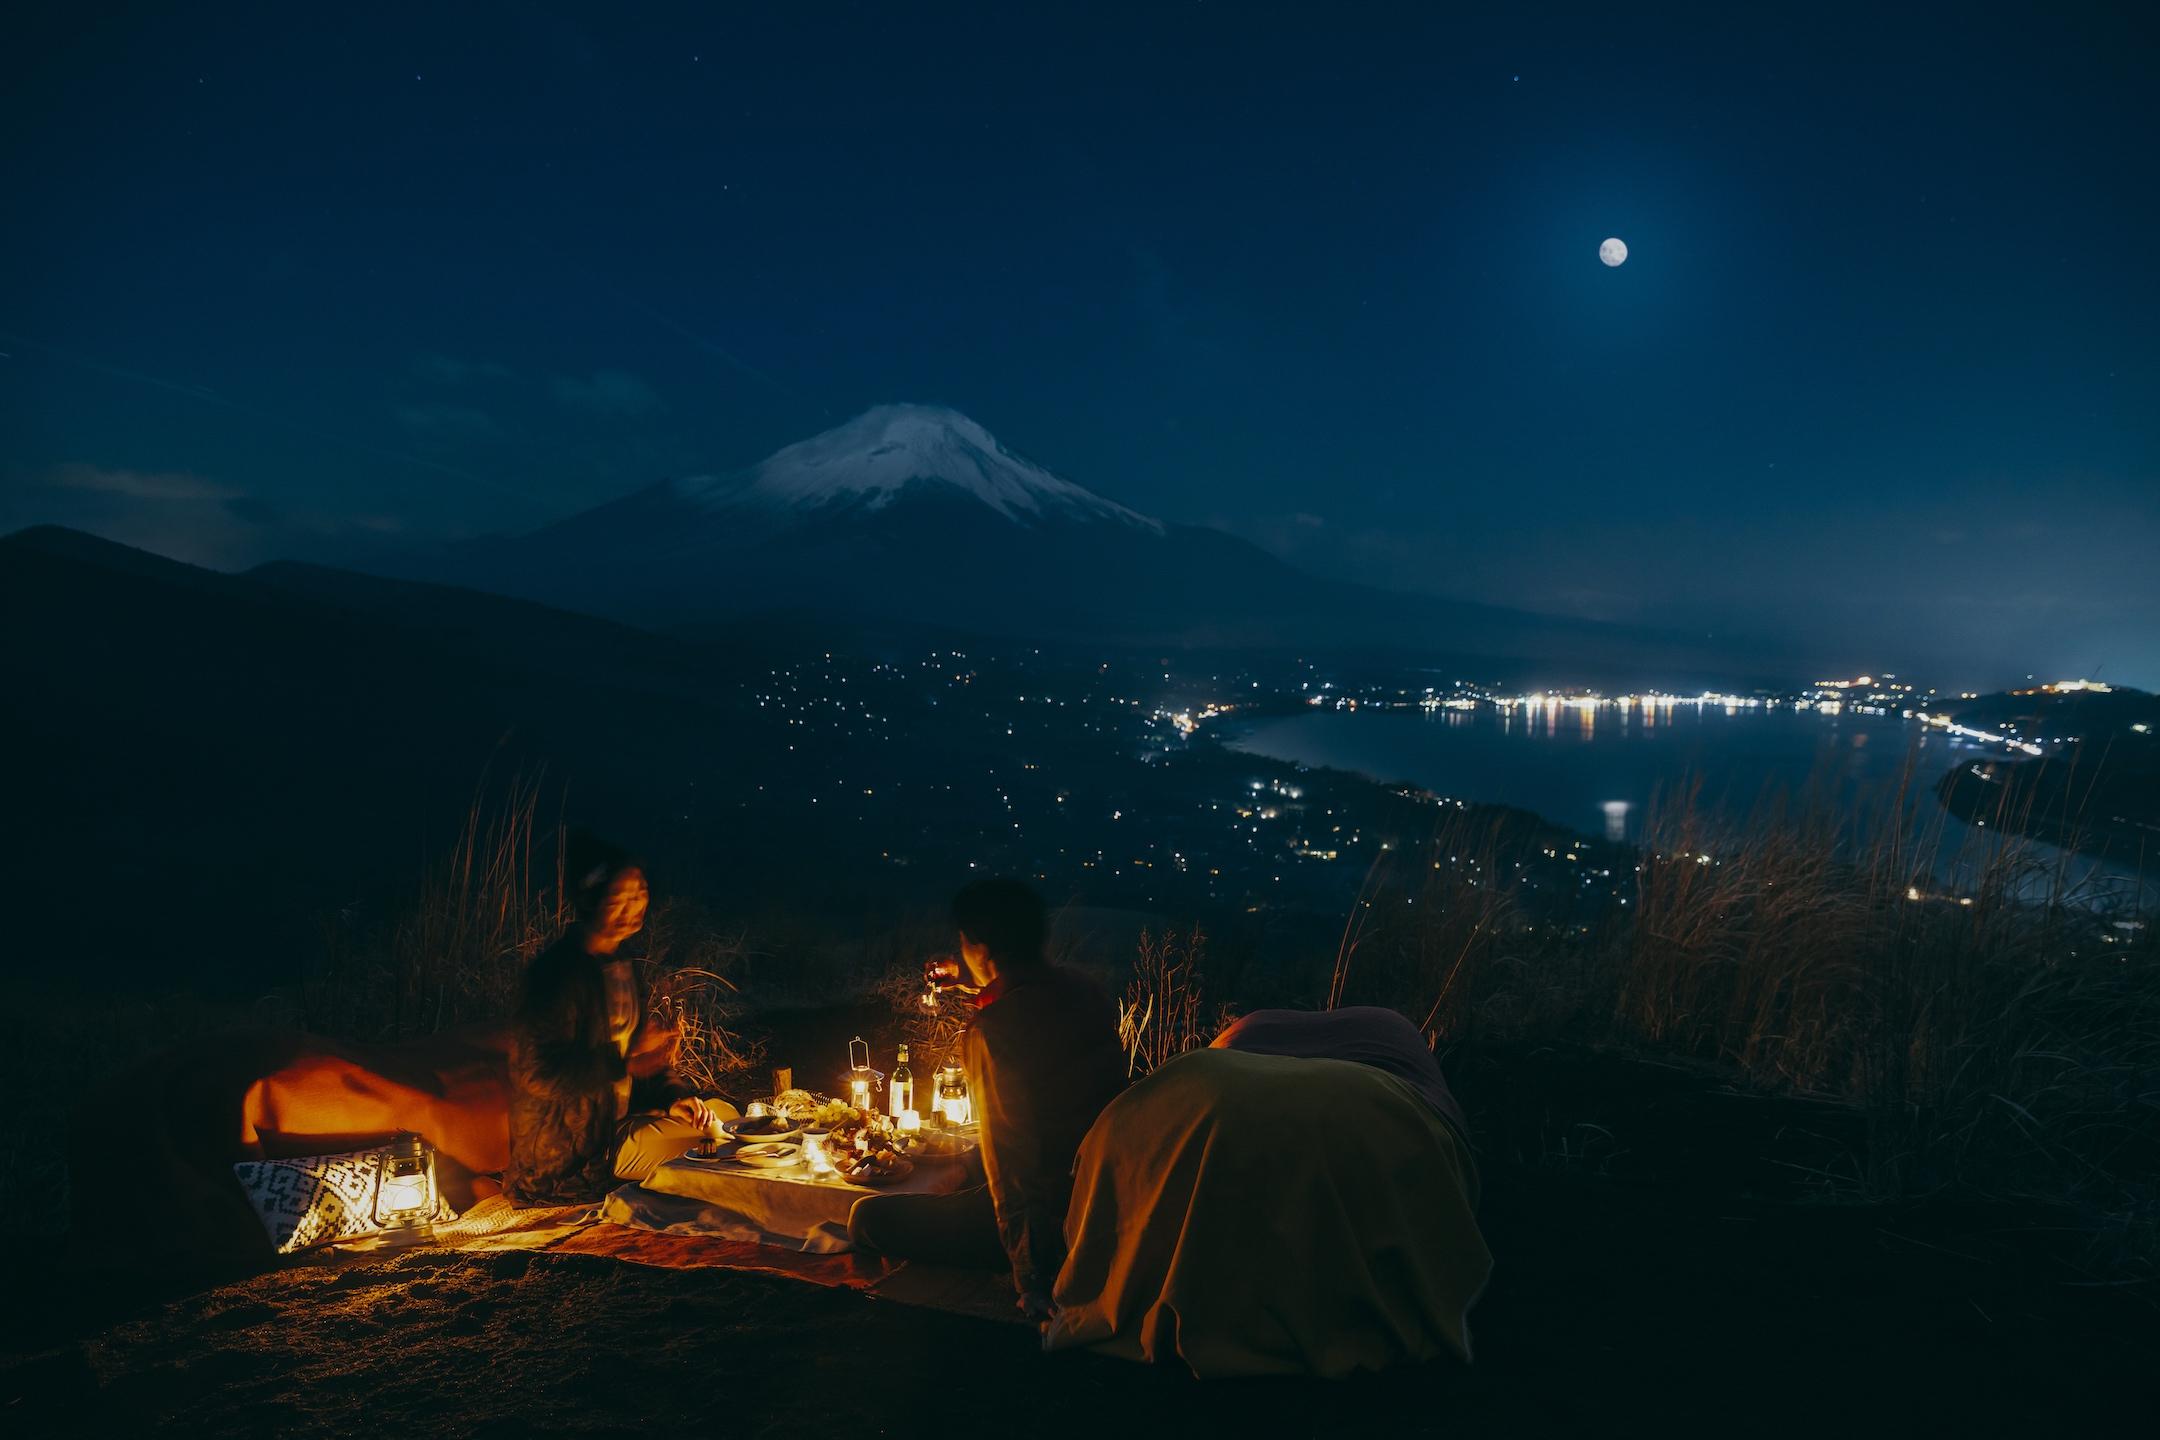 星のや富士 富士山の絶景を望むナイトピクニックを楽しむ 「富士ムーンライトトレッキング」を開催